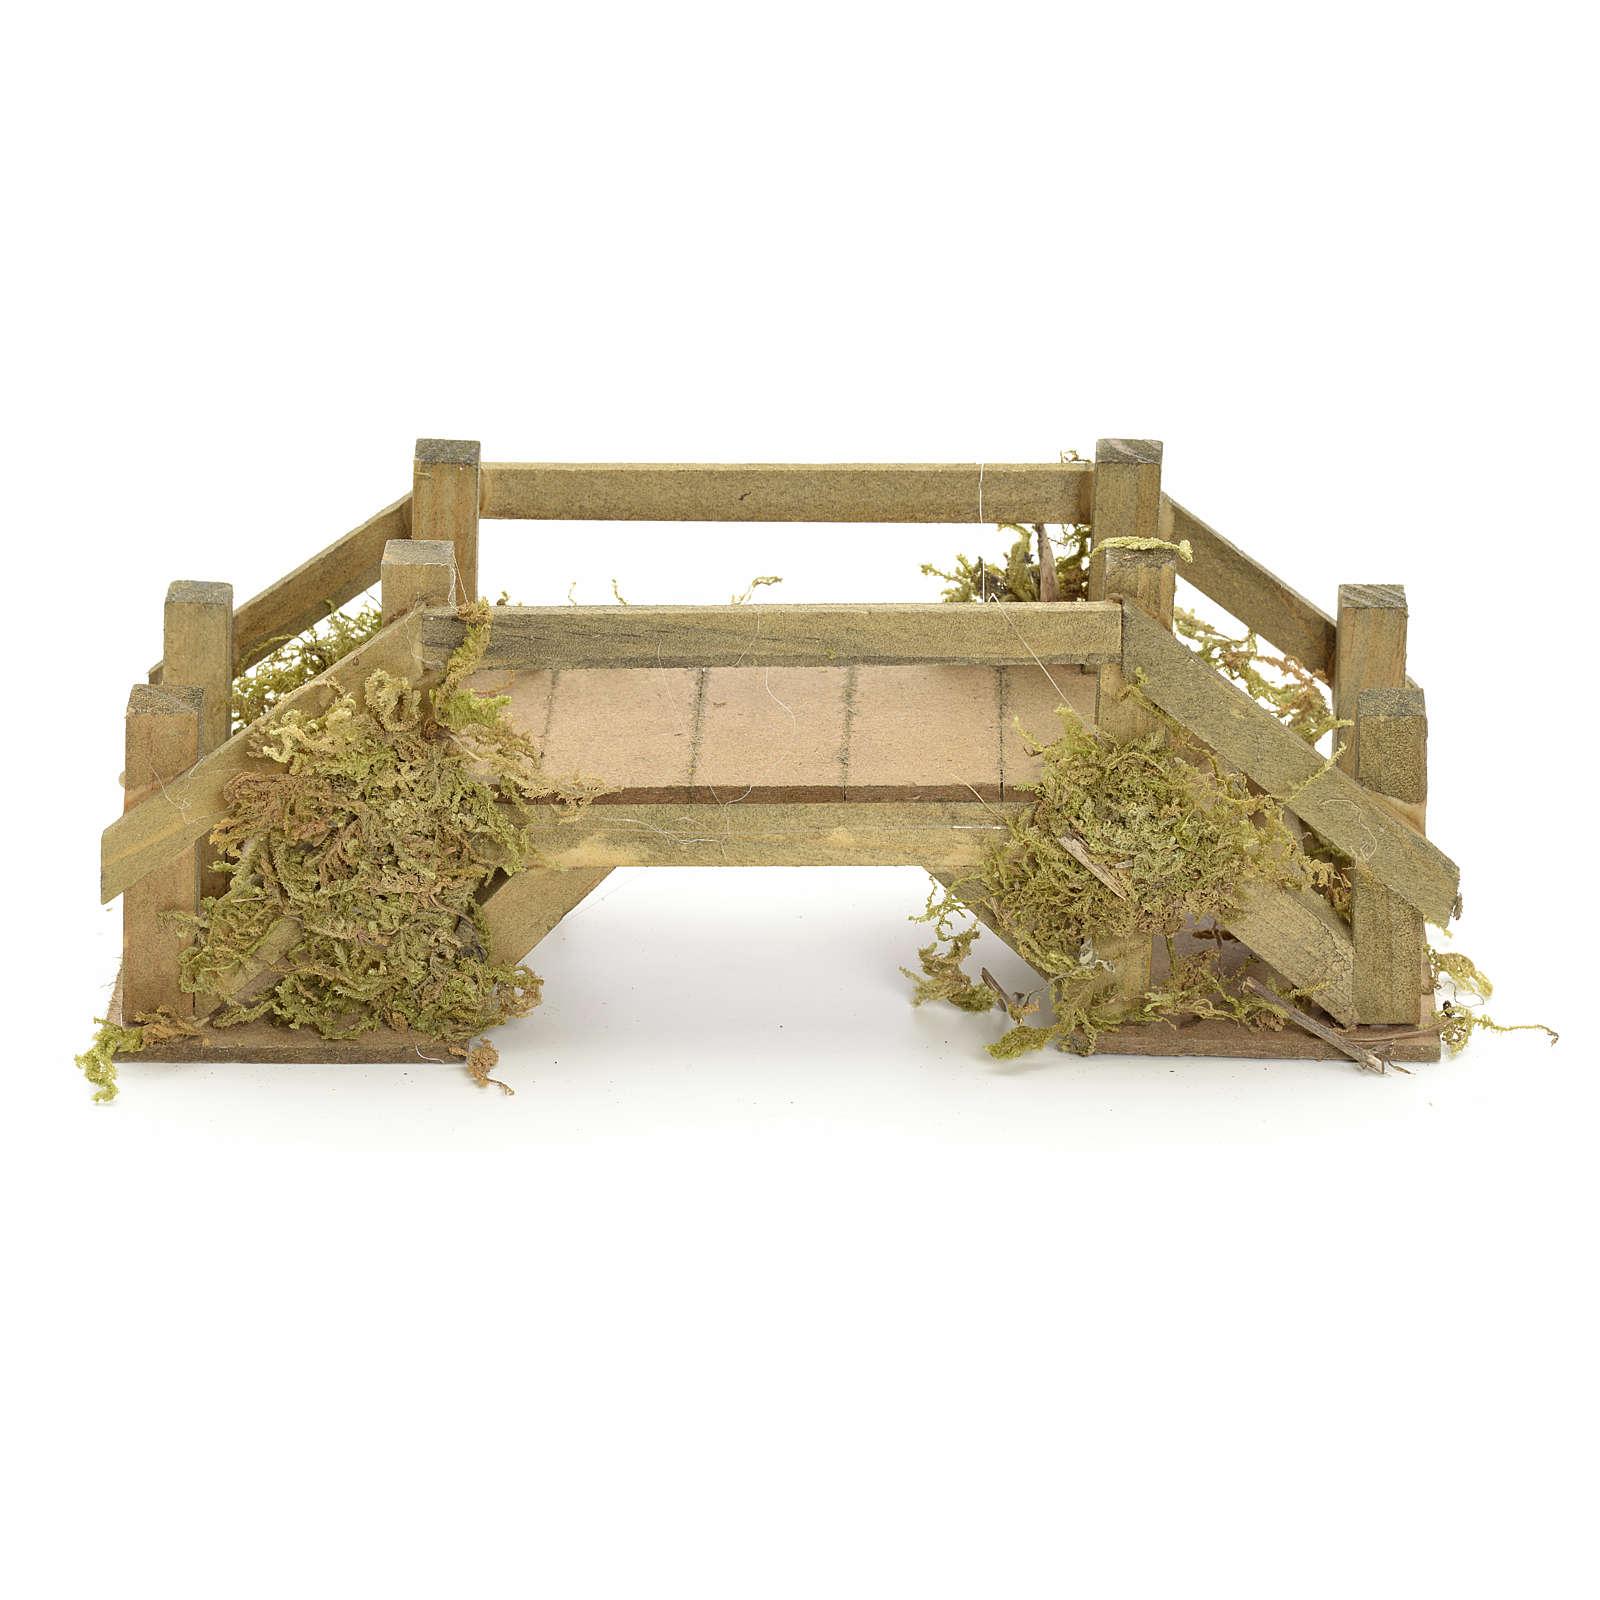 Pont en bois et mousse pour crèche 8x20x6 cm 4